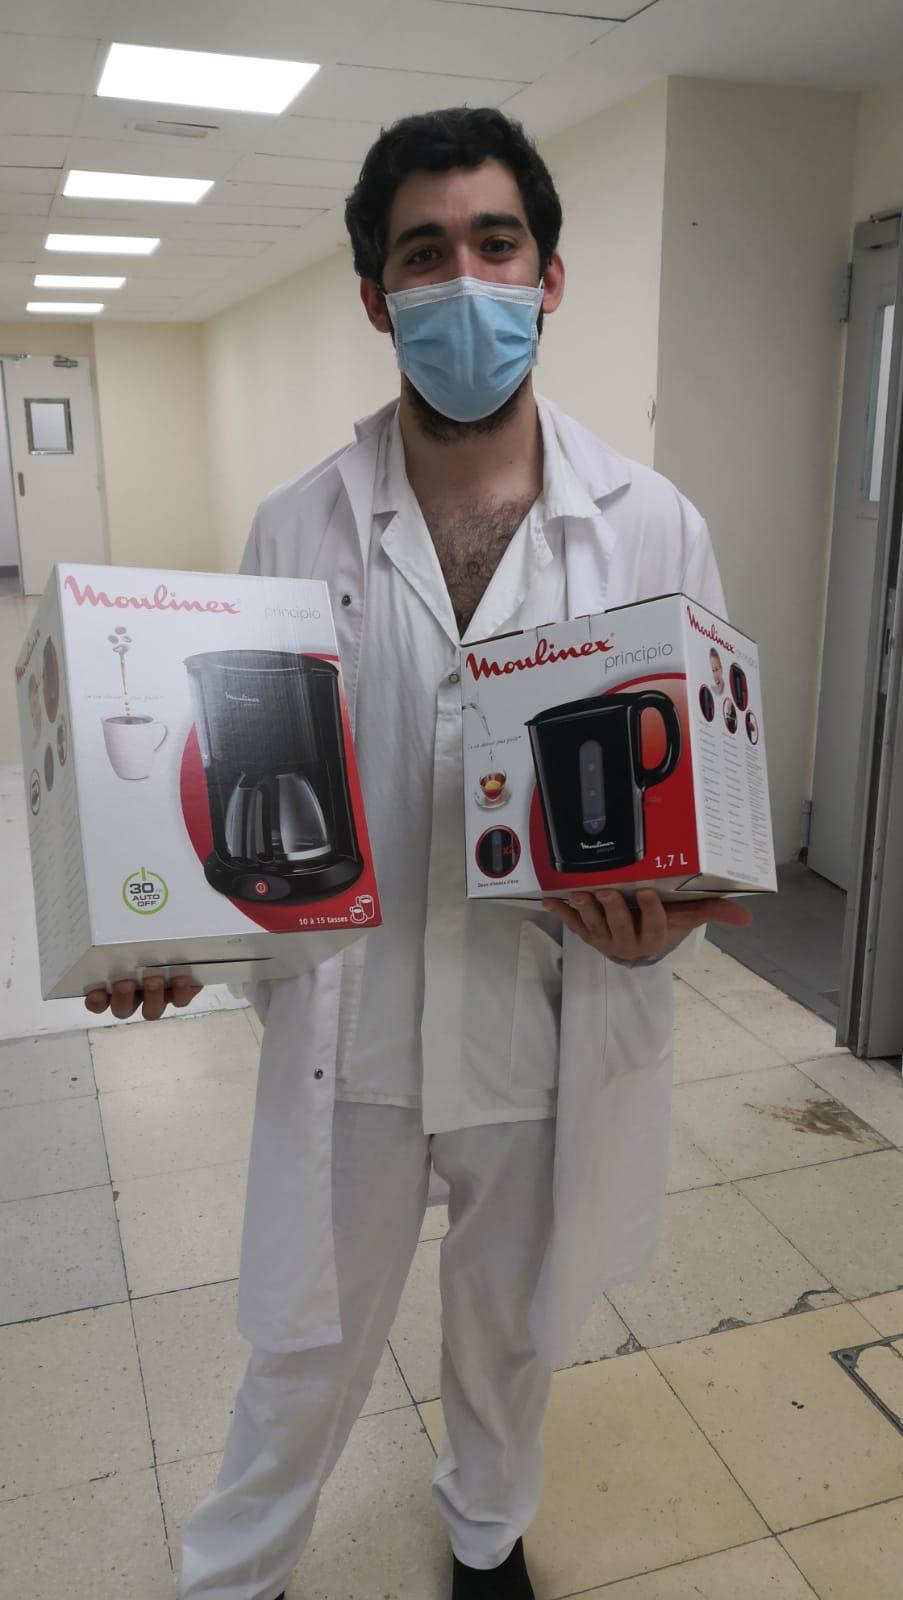 Moulinex dona productos a residencias y hospitales